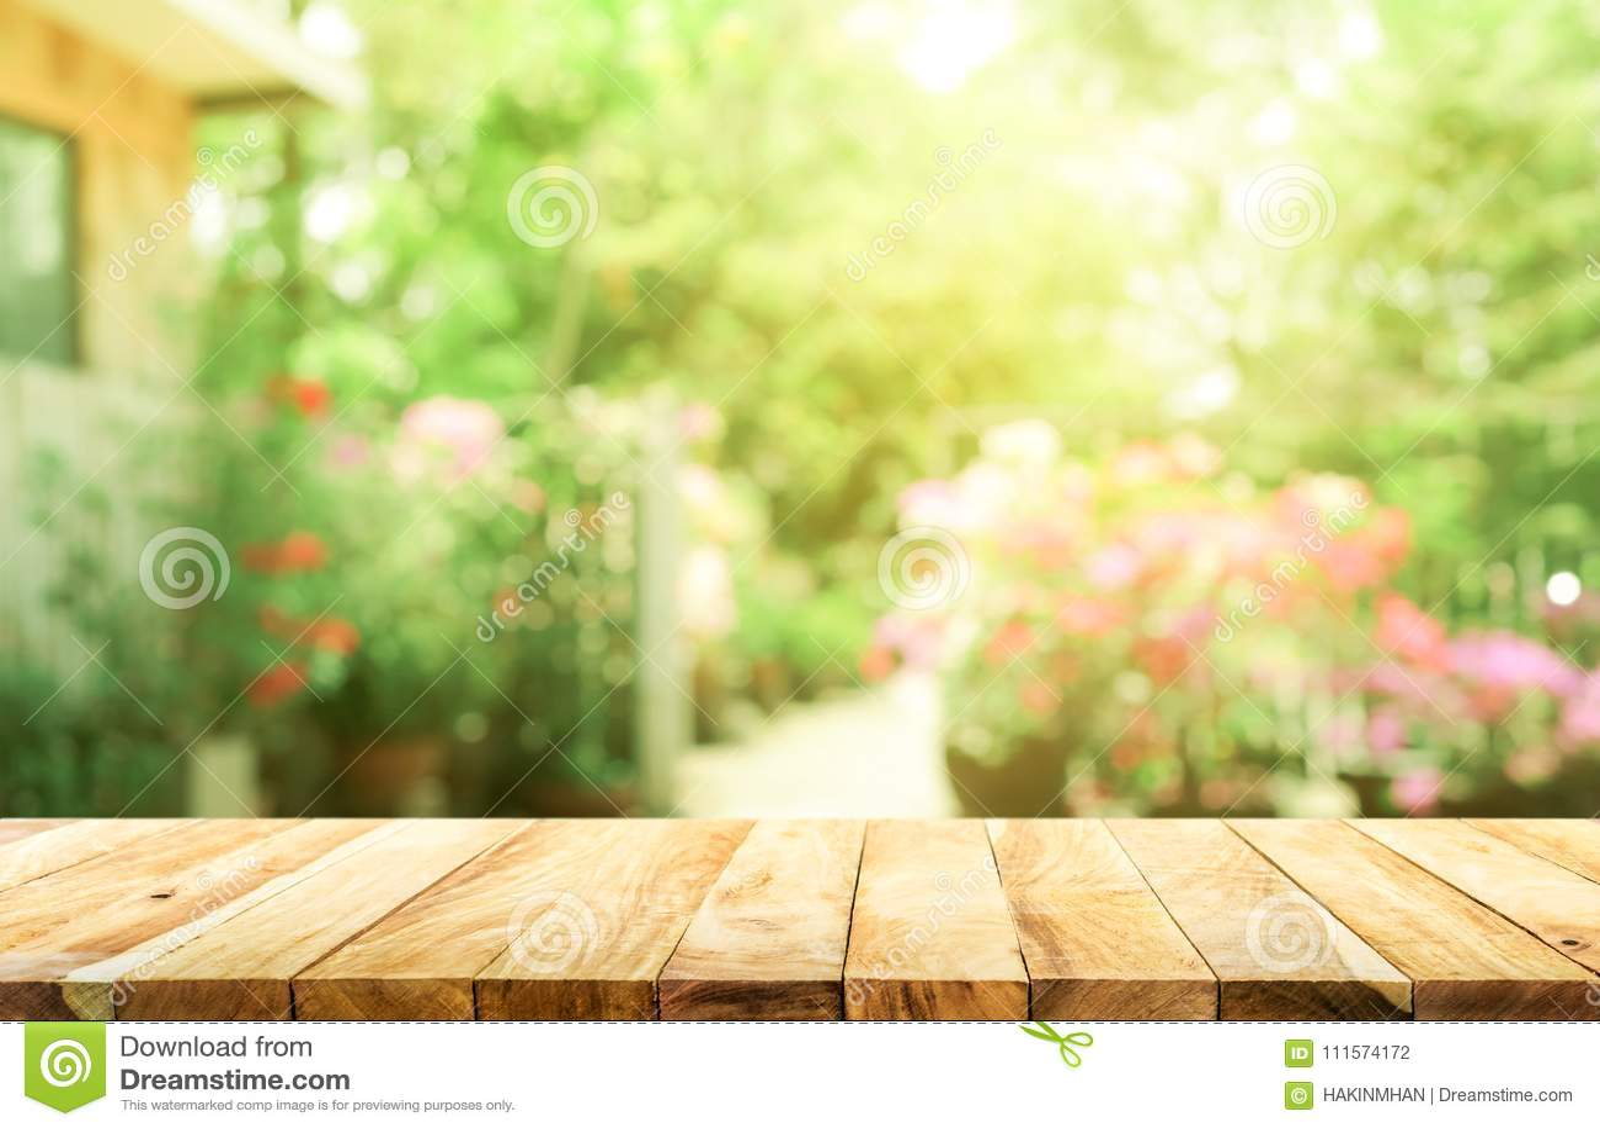 Dessus de table en bois vide sur le vert d abrégé sur tache floue du jardin